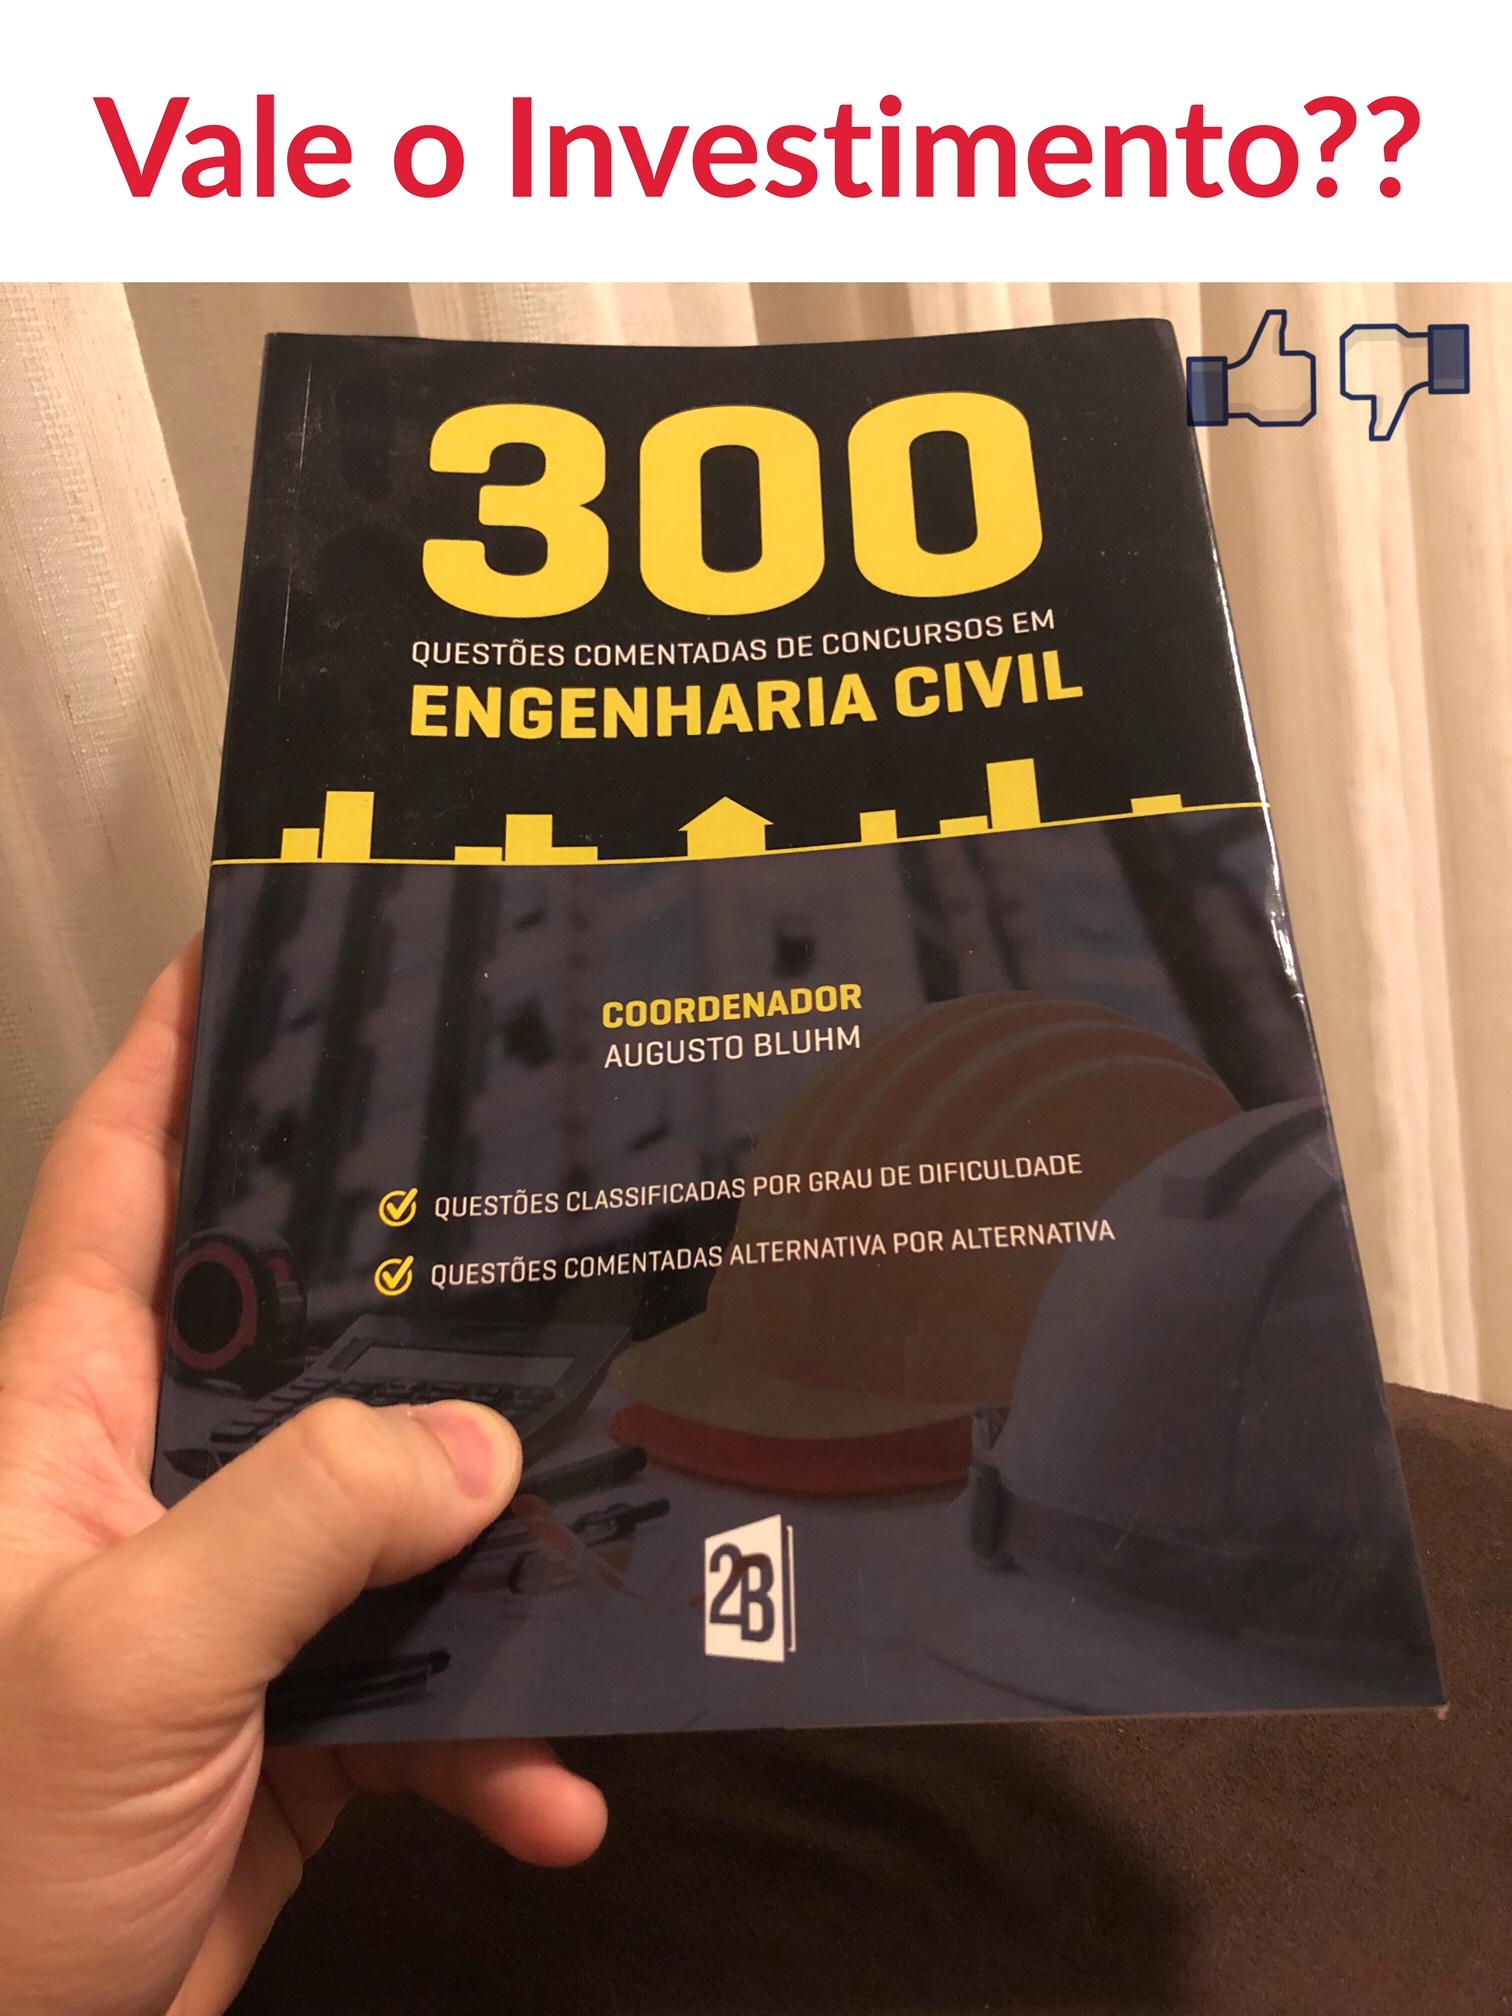 300 questões comentadas de concursos em engenharia civil